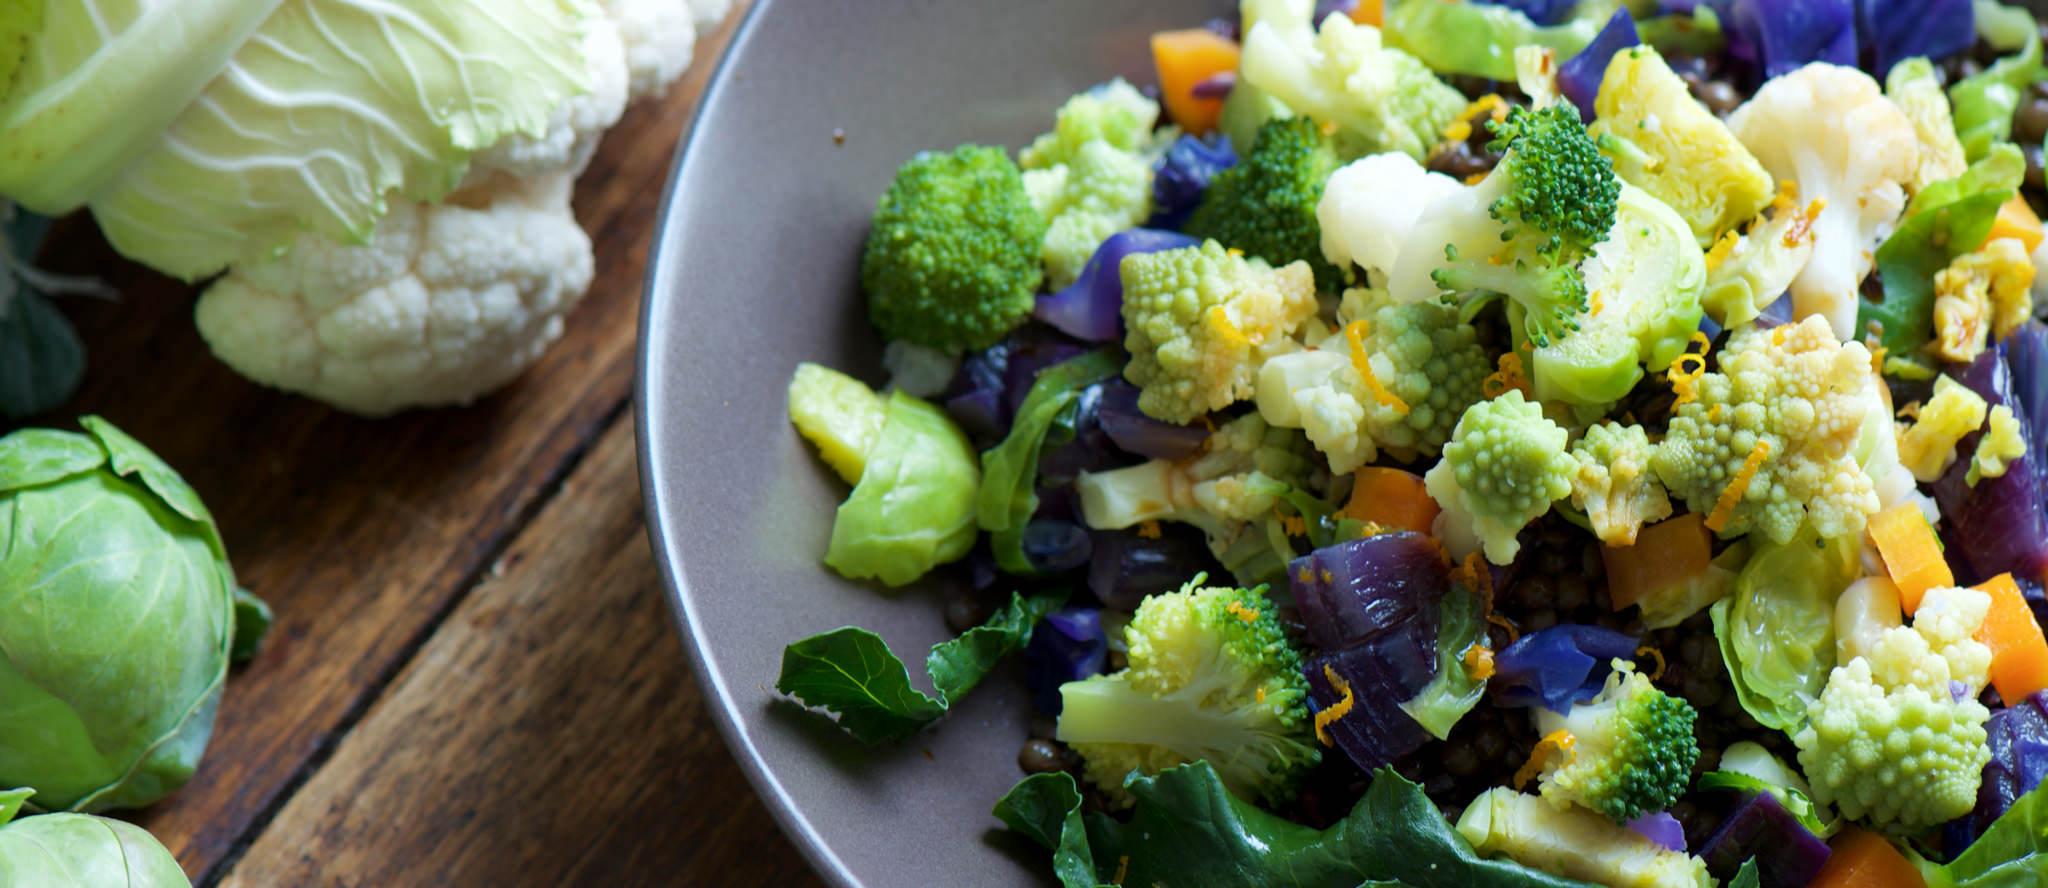 bandeau vegetale